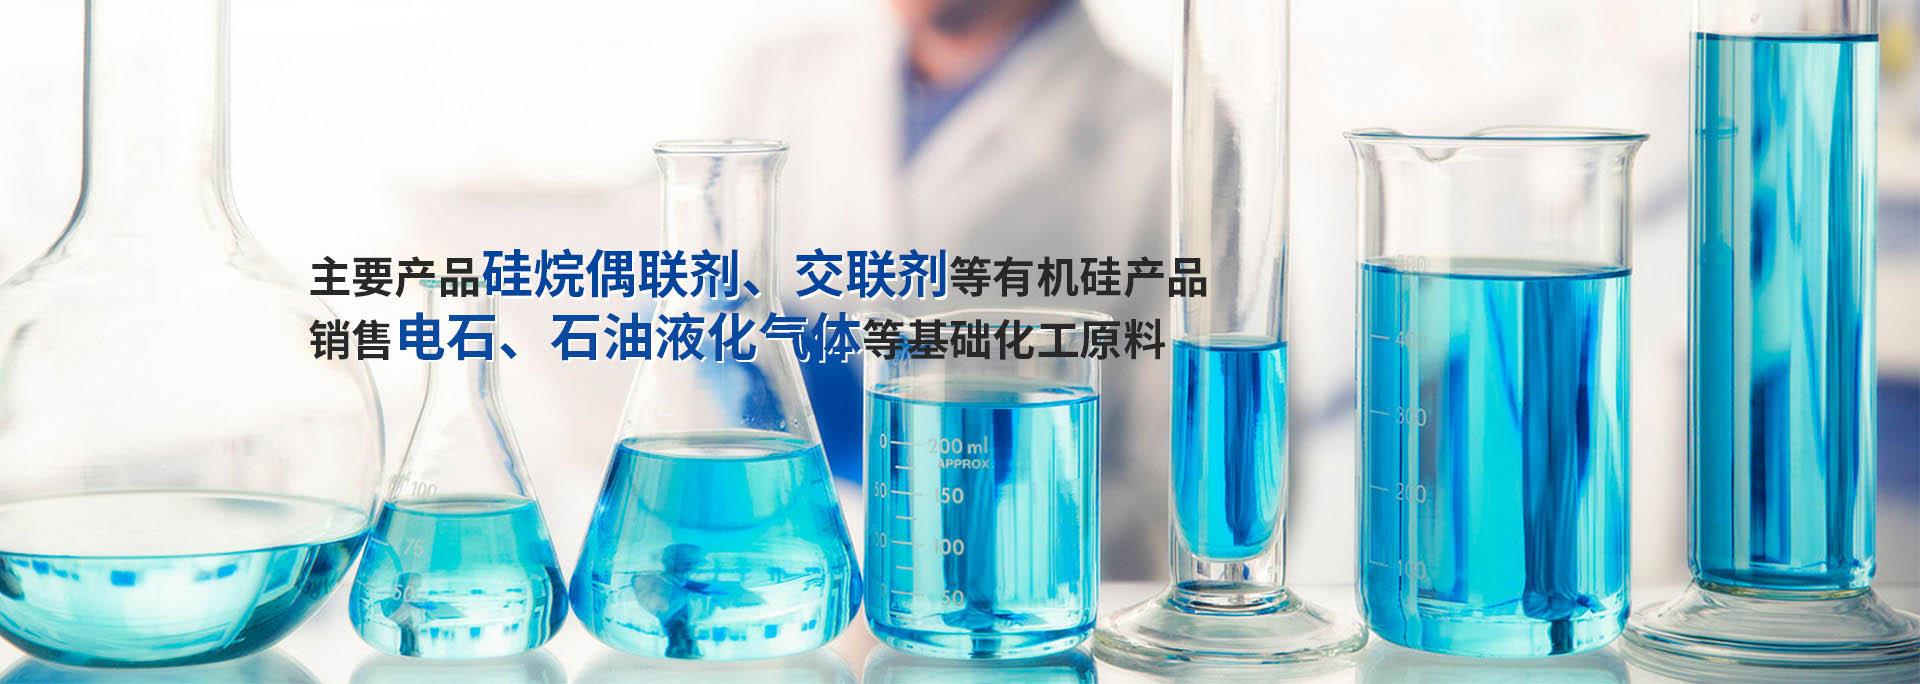 氨基硅烷偶联剂